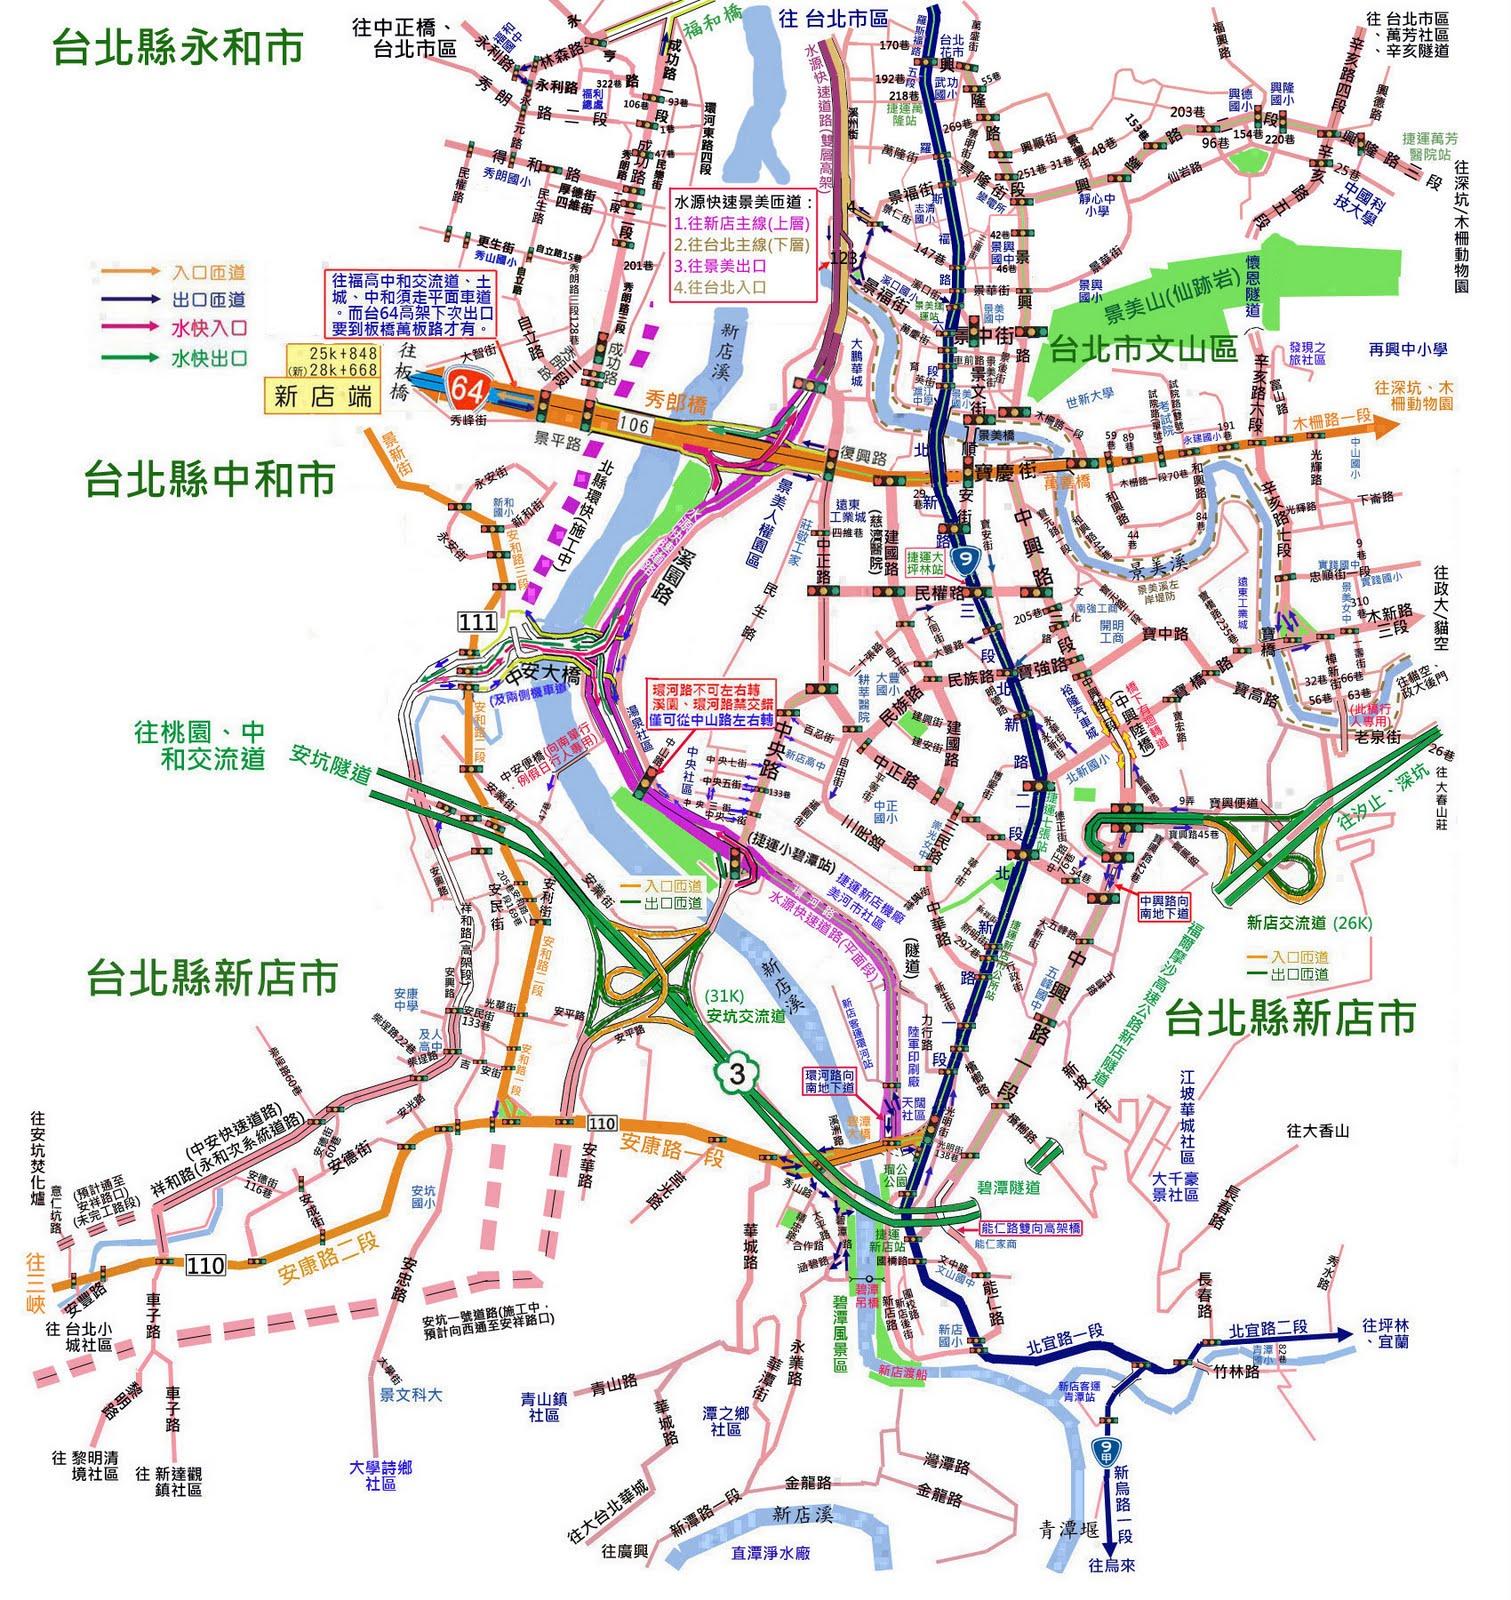 臺65快速道路路線圖|快速- 臺65快速道路路線圖|快速 - 快熱資訊 - 走進時代